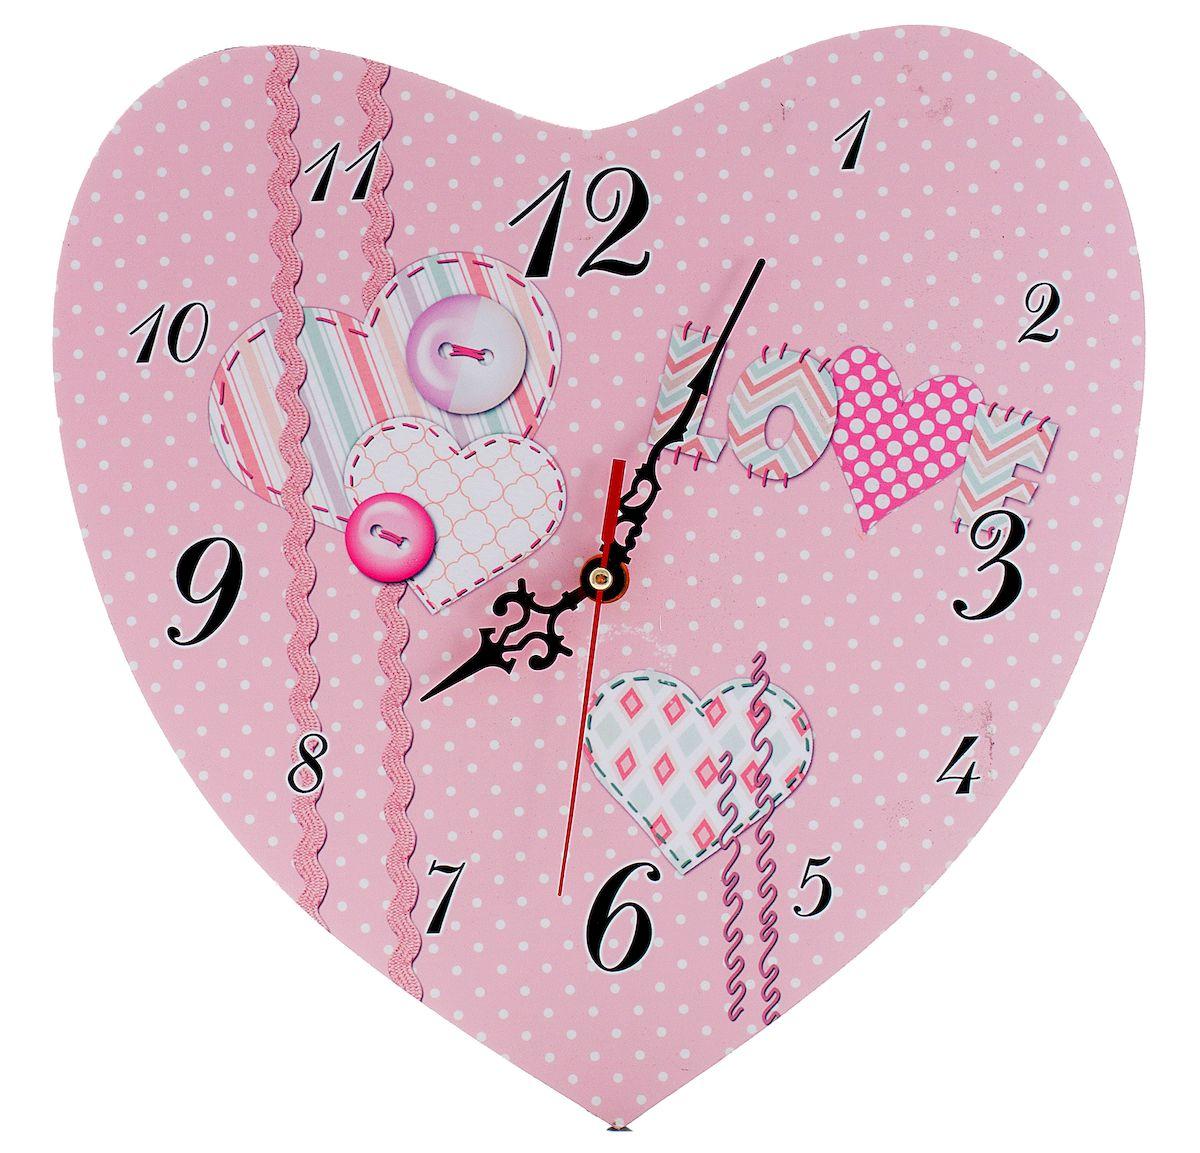 Часы настенные Русские Подарки Сердце, диаметр 30 см. 3824238242Настенные кварцевые часы Русские Подарки Сердце изготовлены из МДФ. Корпус оригинально оформлен в виде сердечка. Часы имеют три стрелки - часовую, минутную и секундную. С обратной стороны имеетсяпетелька для подвешивания на стену. Такие часы красиво и необычно оформят интерьер дома или офиса. Также часы могут стать уникальным, полезным подарком для родственников, коллег, знакомых и близких.Часы работают от батареек типа АА (в комплект не входят).